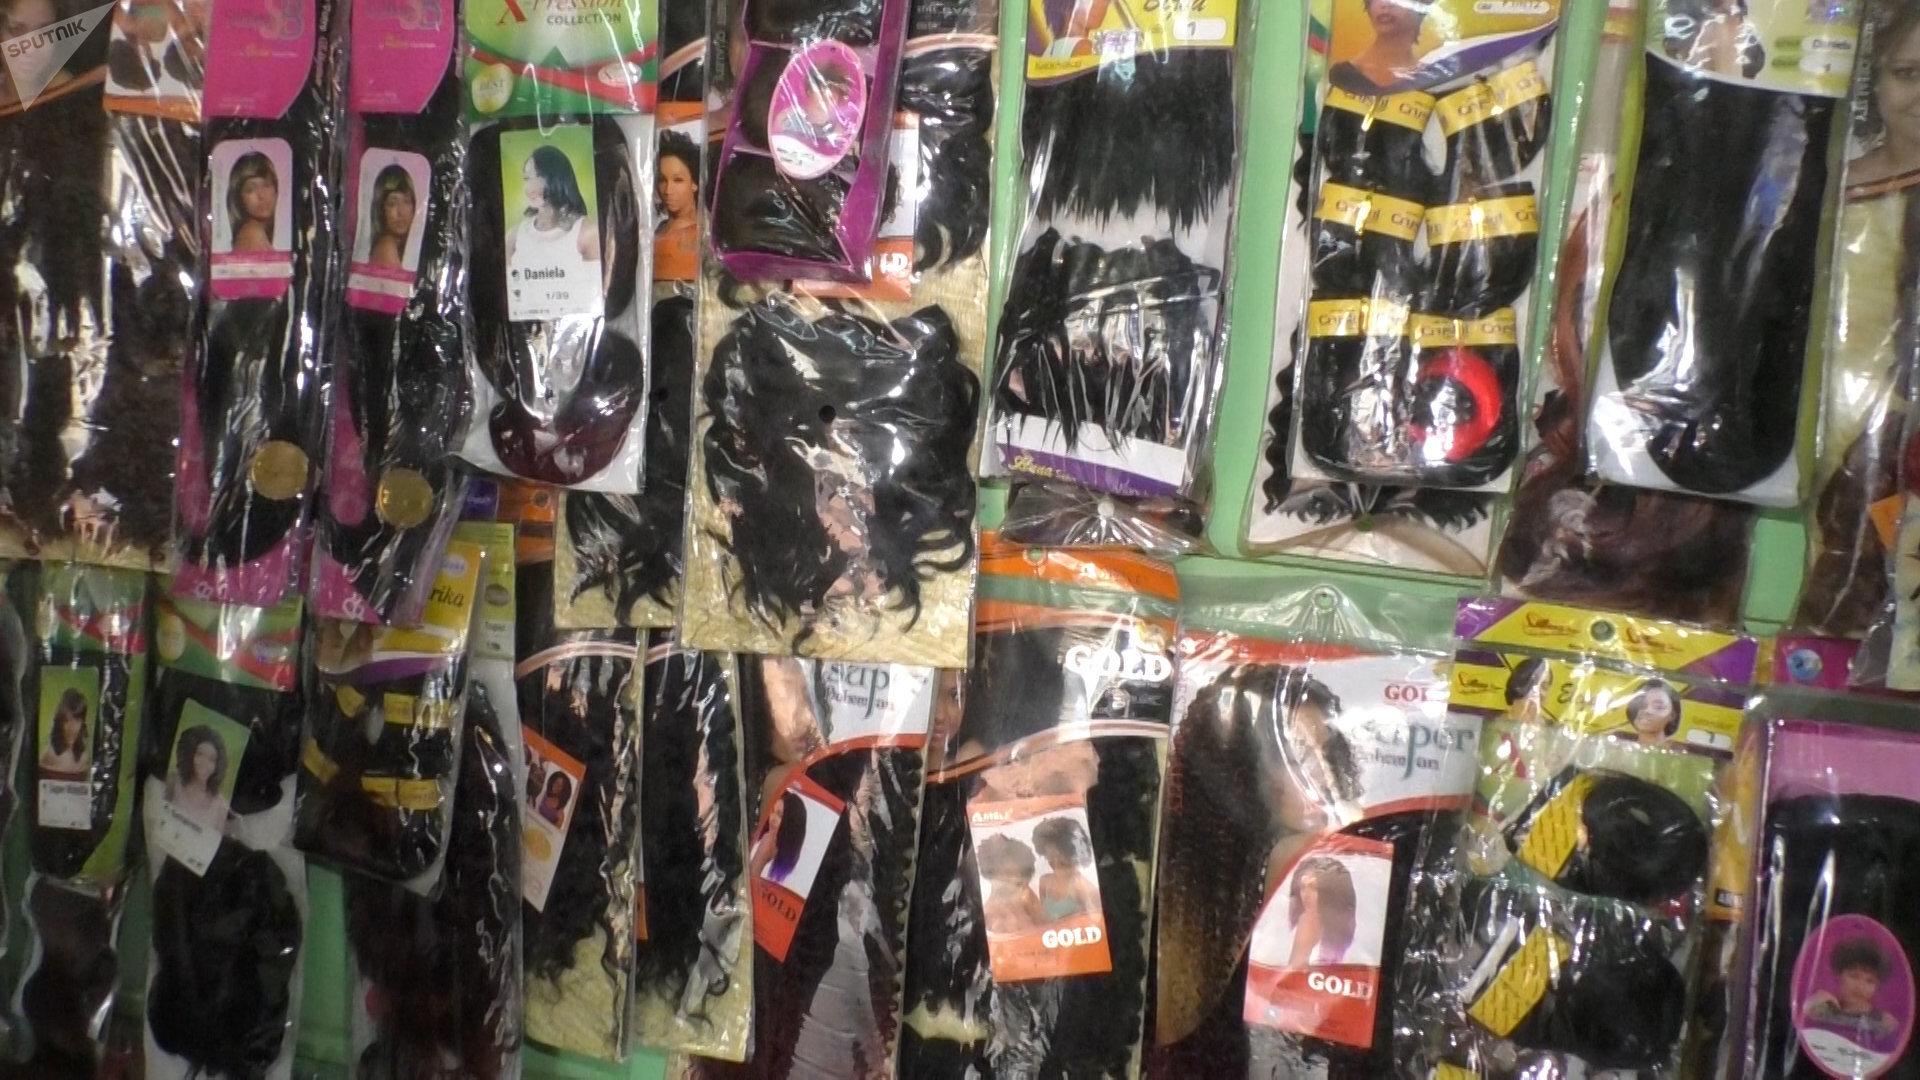 Une vue interne de la boutique de vente de cheveux naturels de Niska au marché central de Yaoundé.